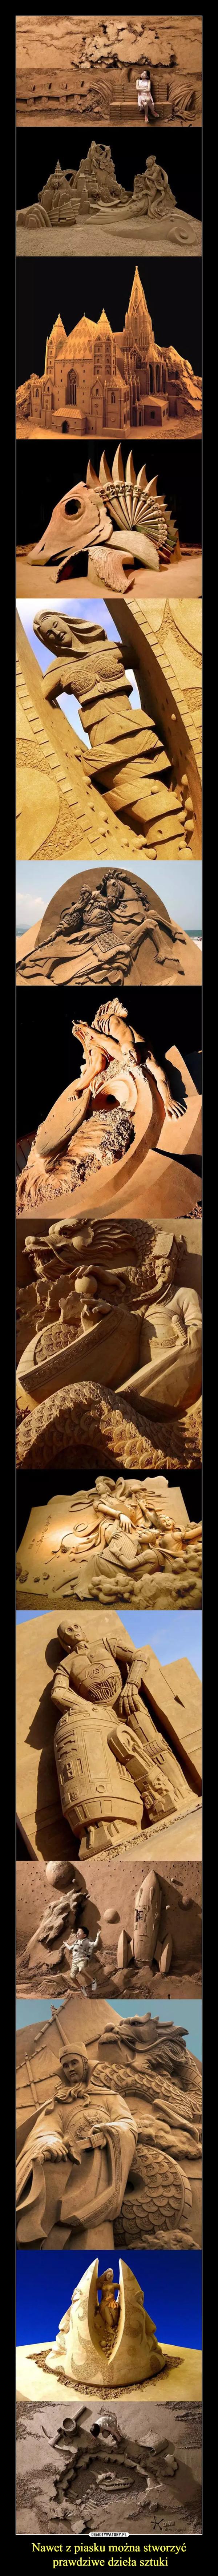 Nawet z piasku można stworzyć prawdziwe dzieła sztuki –